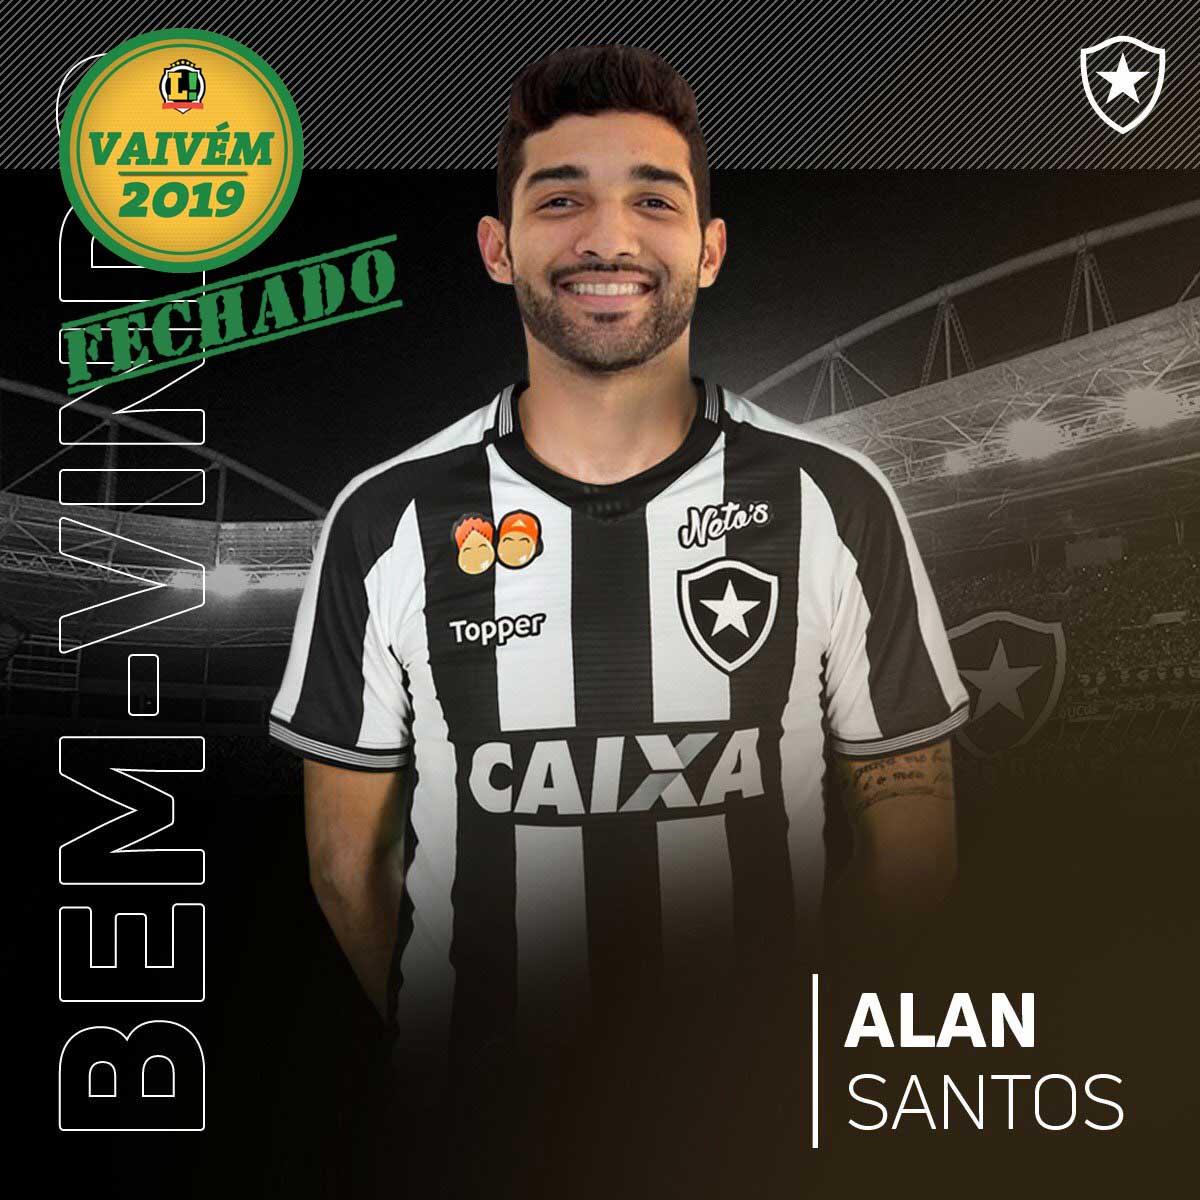 b8a488c97f Botafogo anuncia o terceiro reforço para 2019  Alan Santos - Lance ...